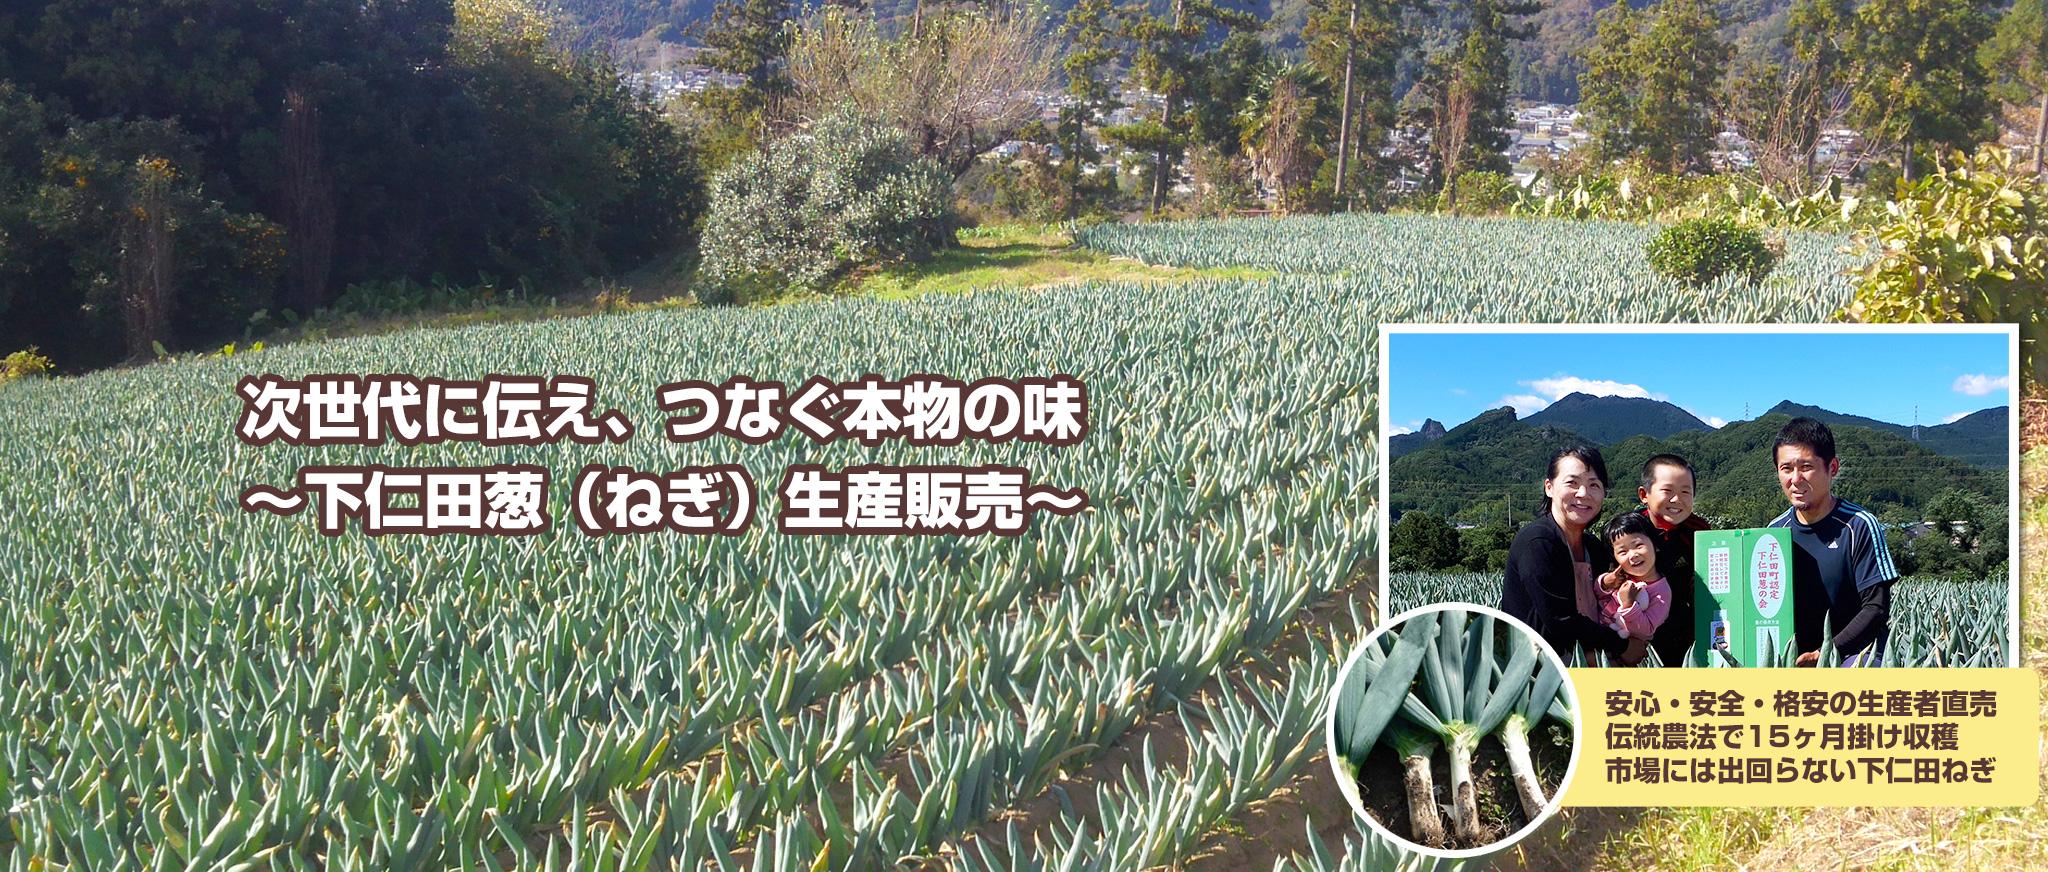 大沢農園:メインイメージ